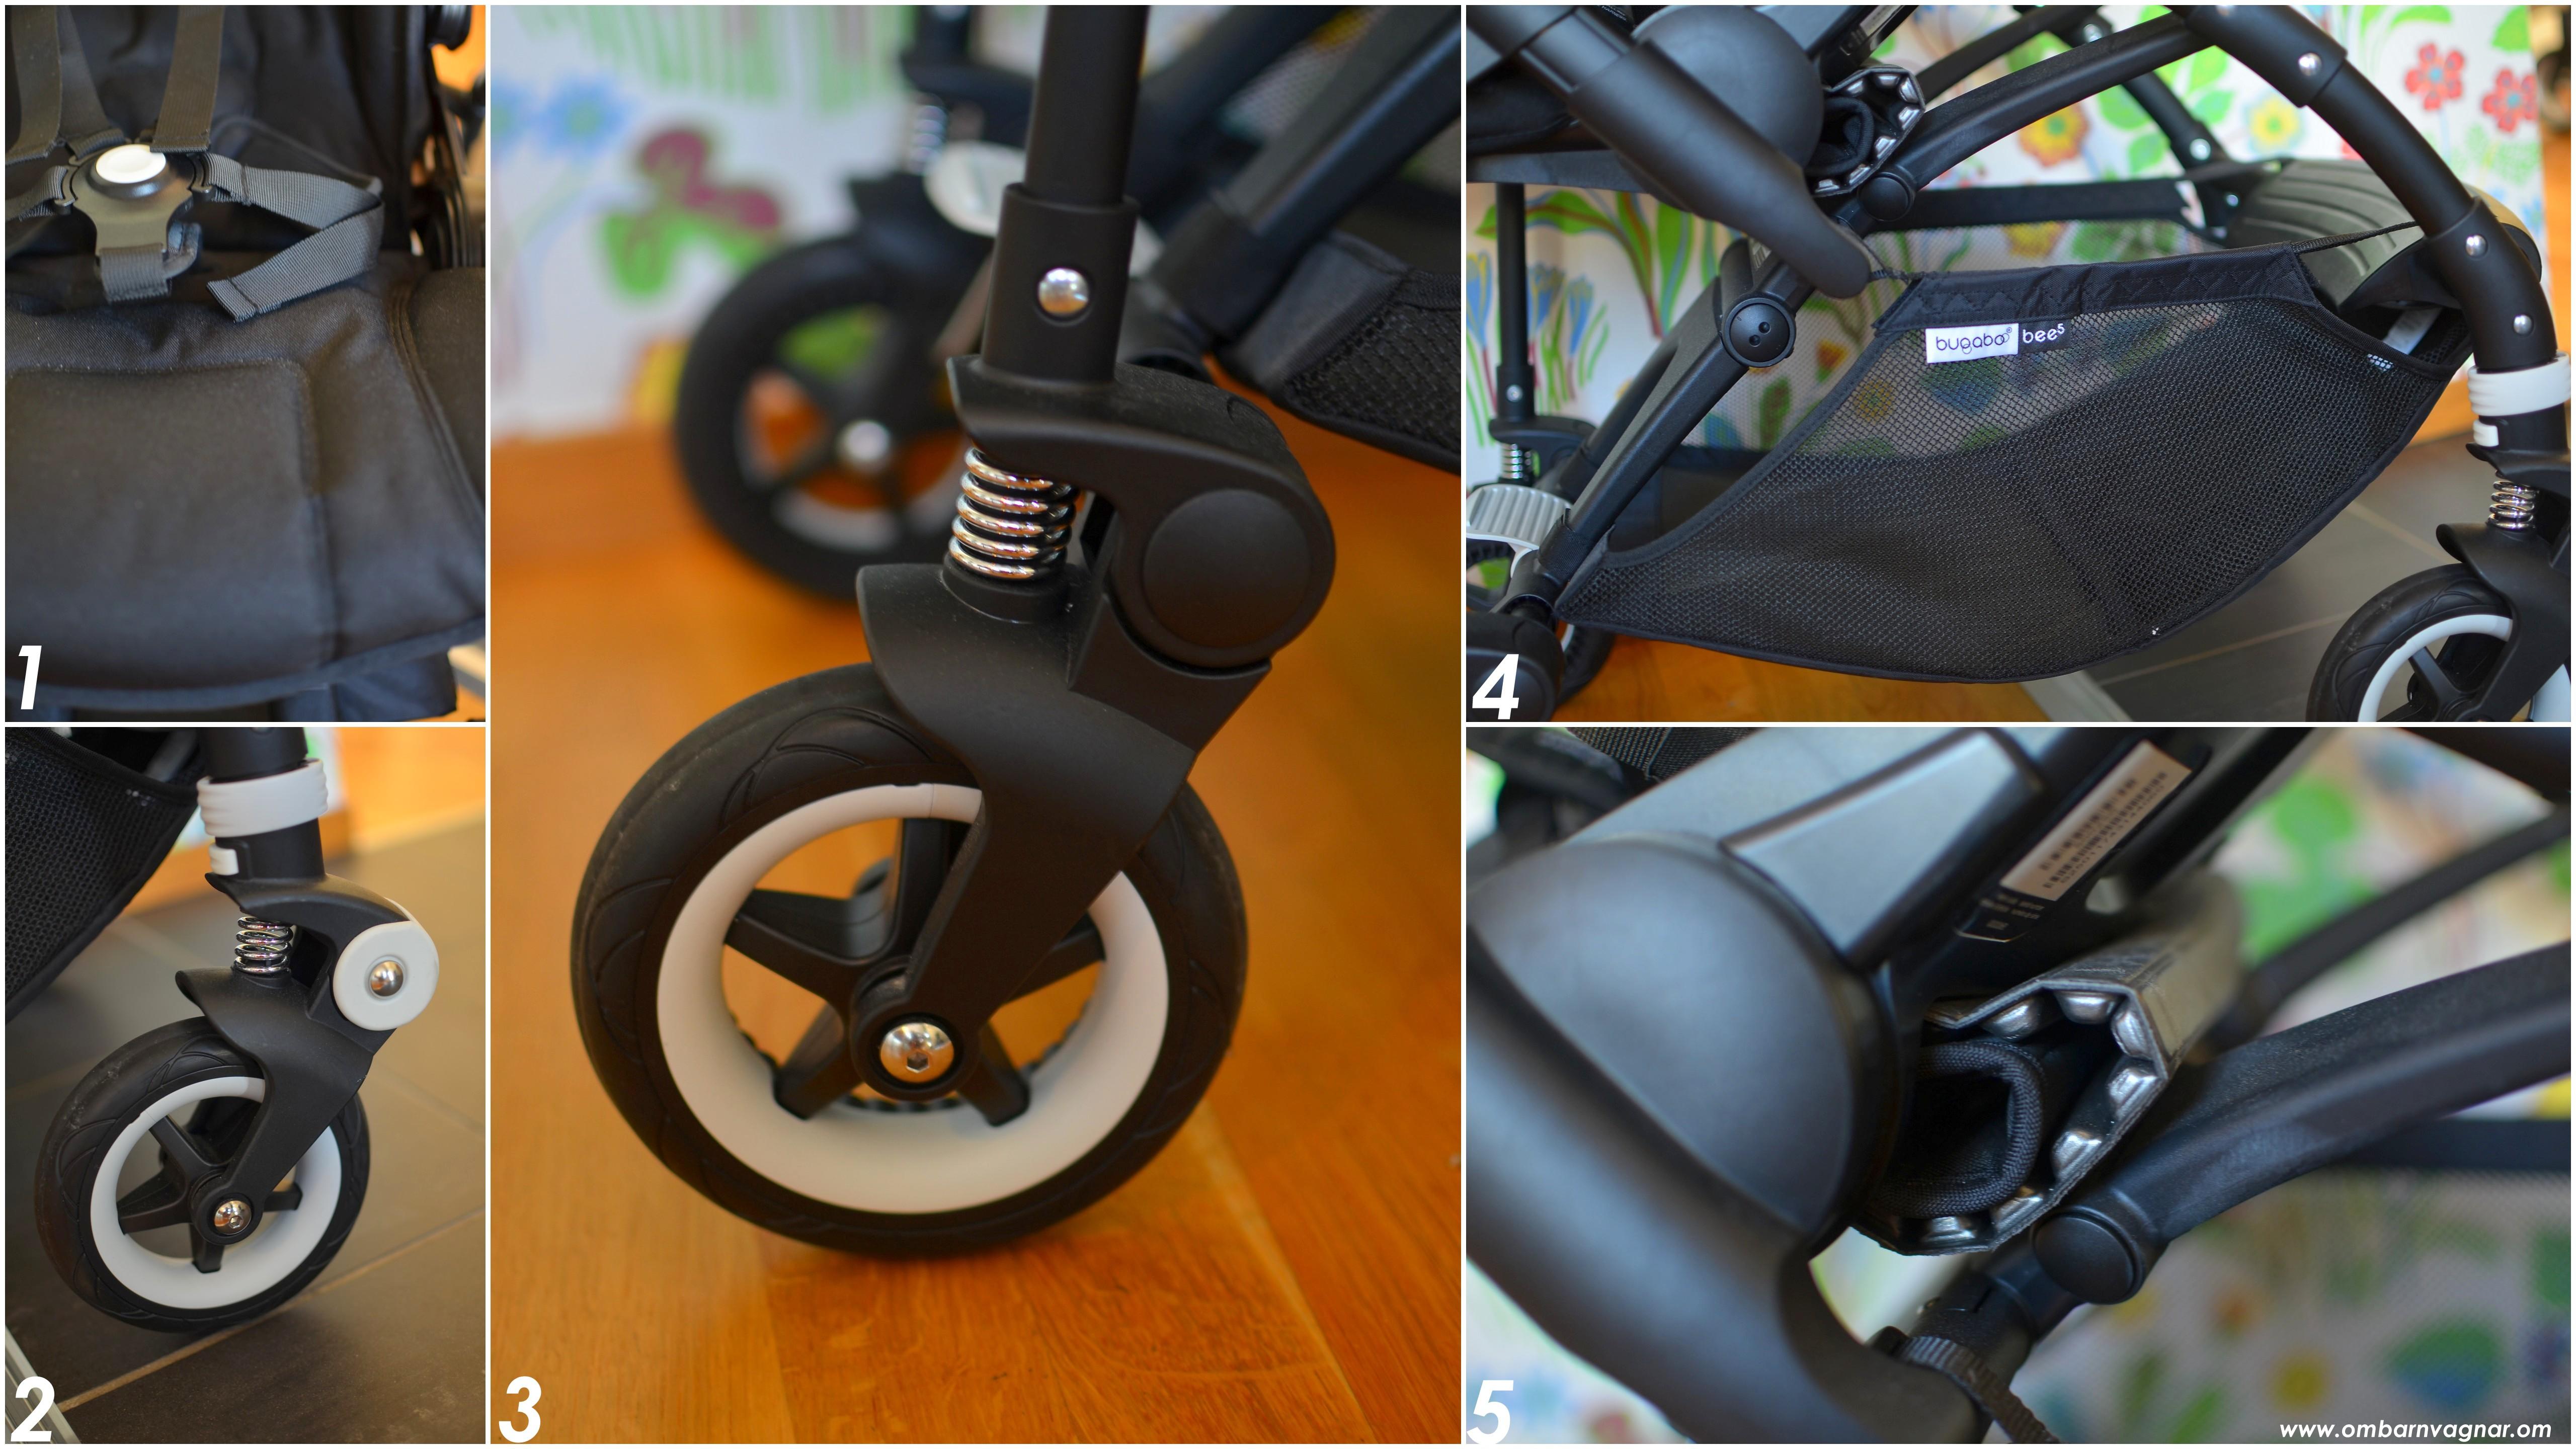 Bugaboo Bee5 med rymlig varukorg och smidiga, små hjul